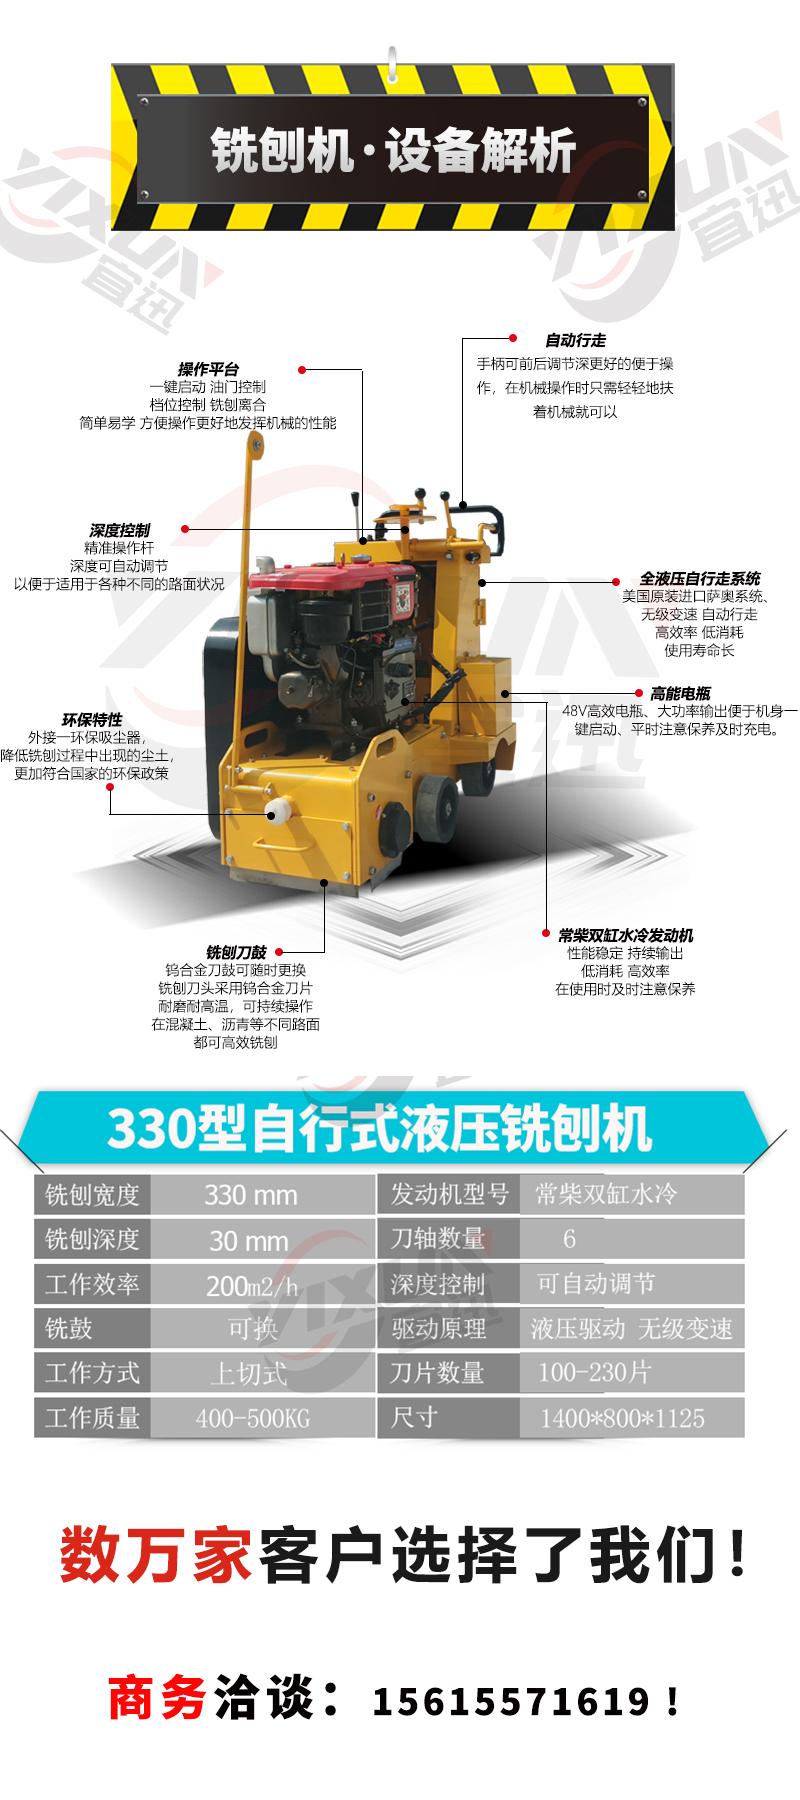 300C柴油铣刨机参数解析